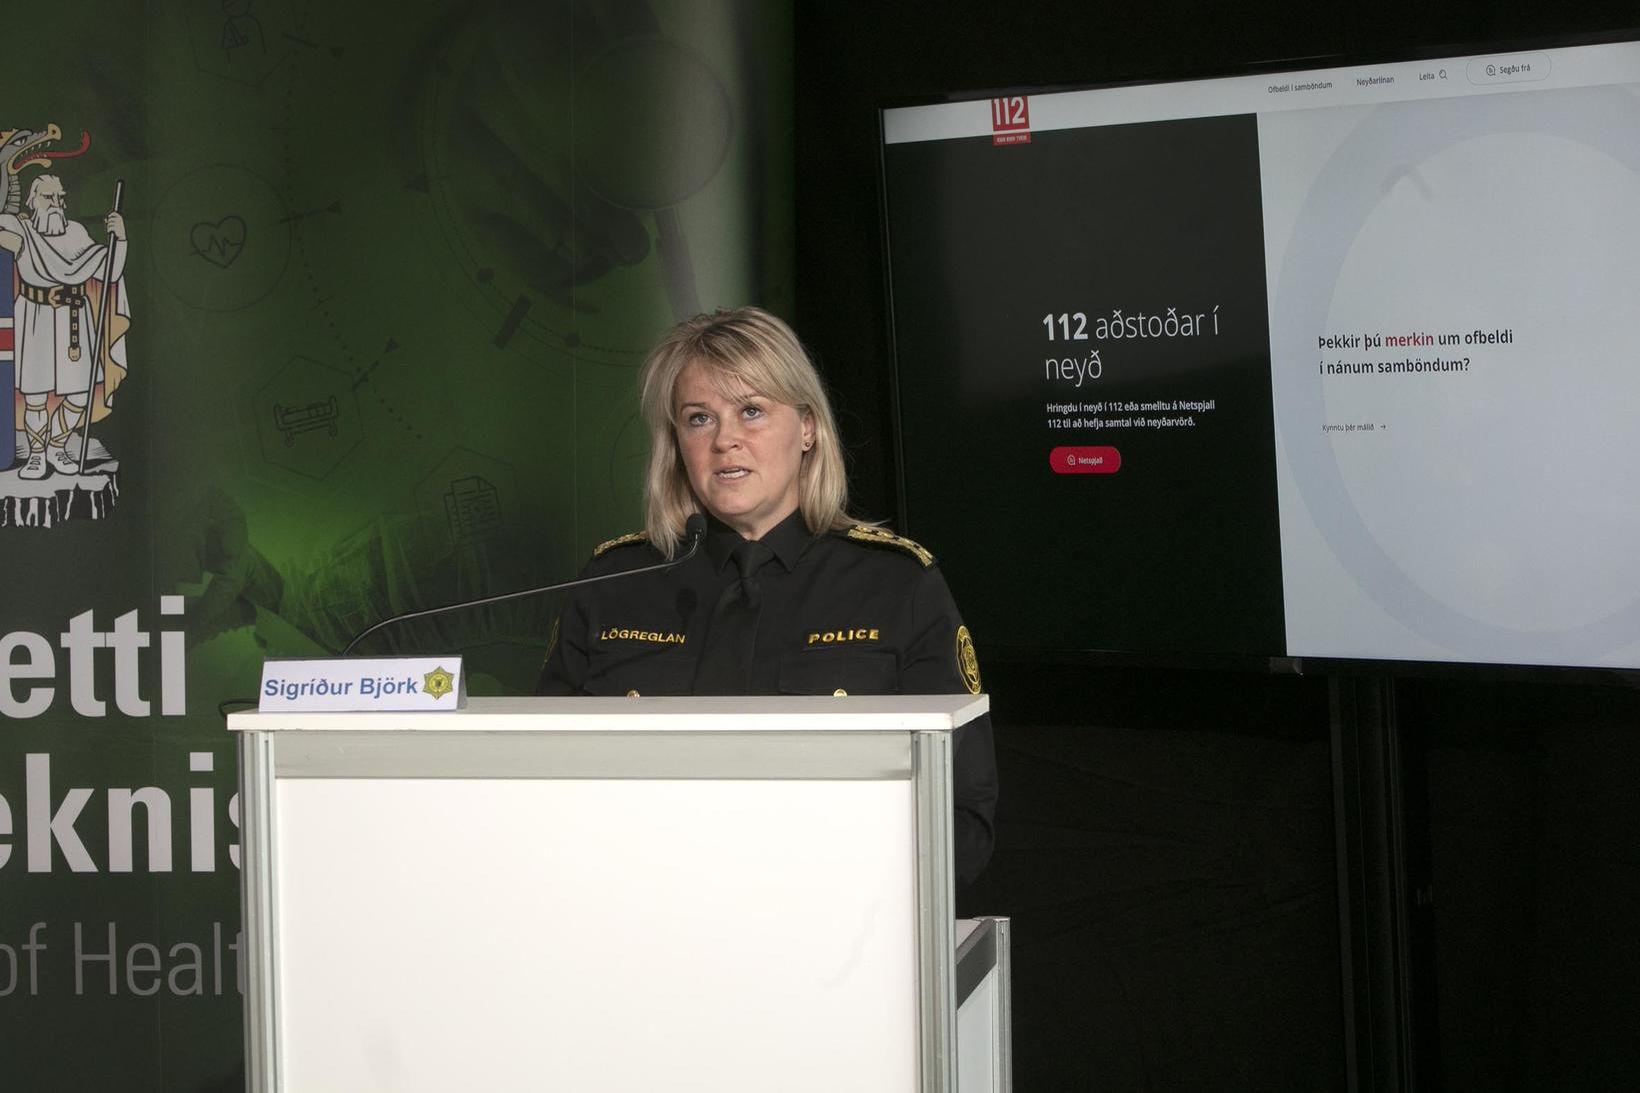 Sigríður Björk Guðjónsdóttir ríkislögreglustjóri á upplýsingafundinum í morgun.